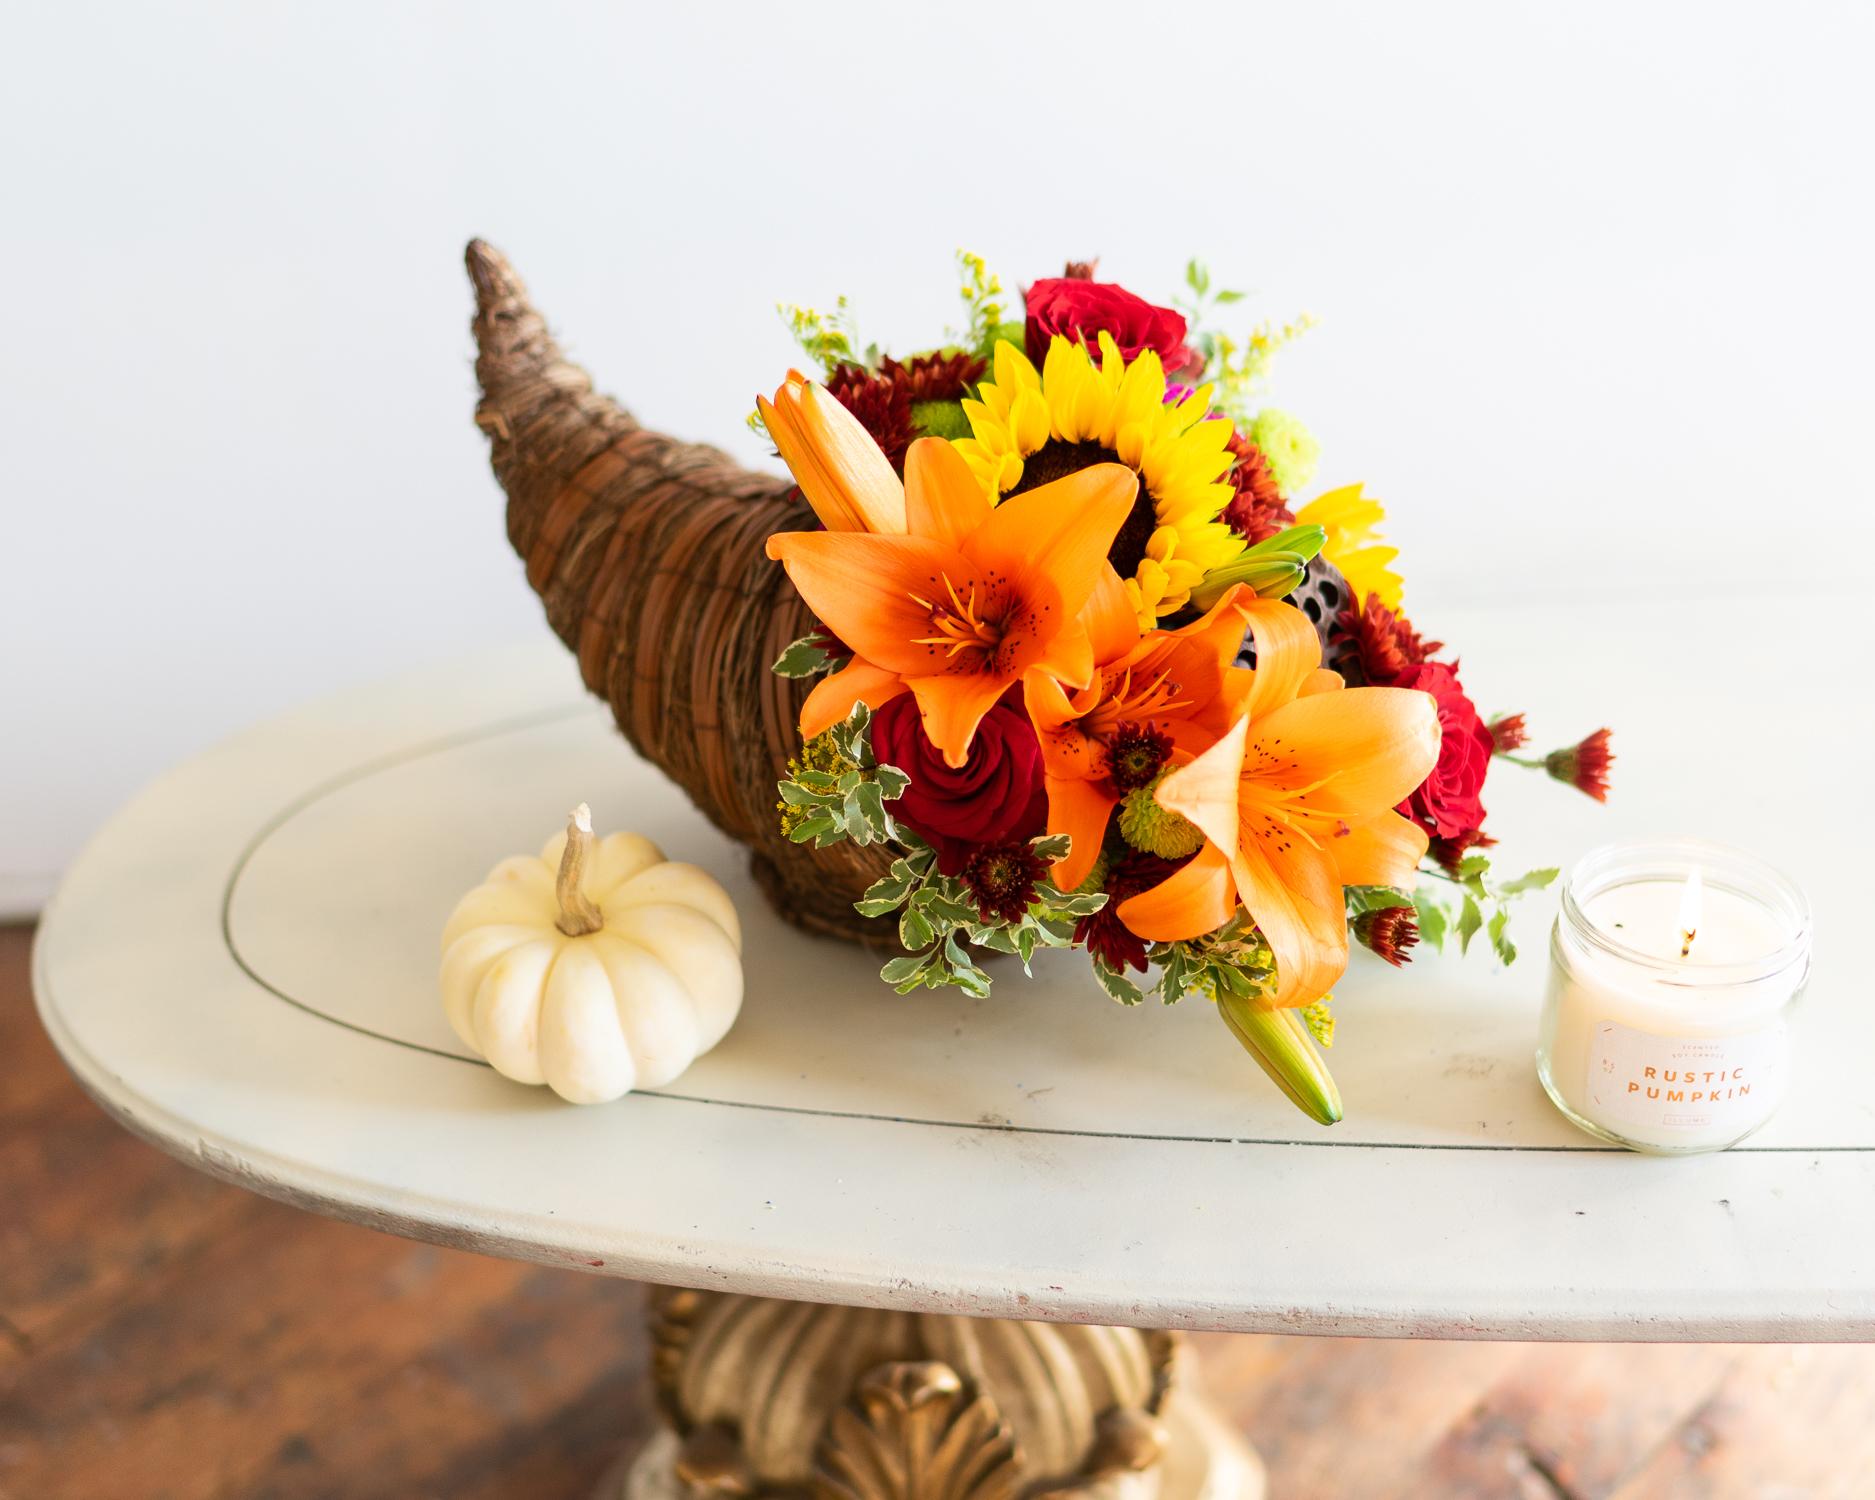 Cornucopia with Flowers Inside